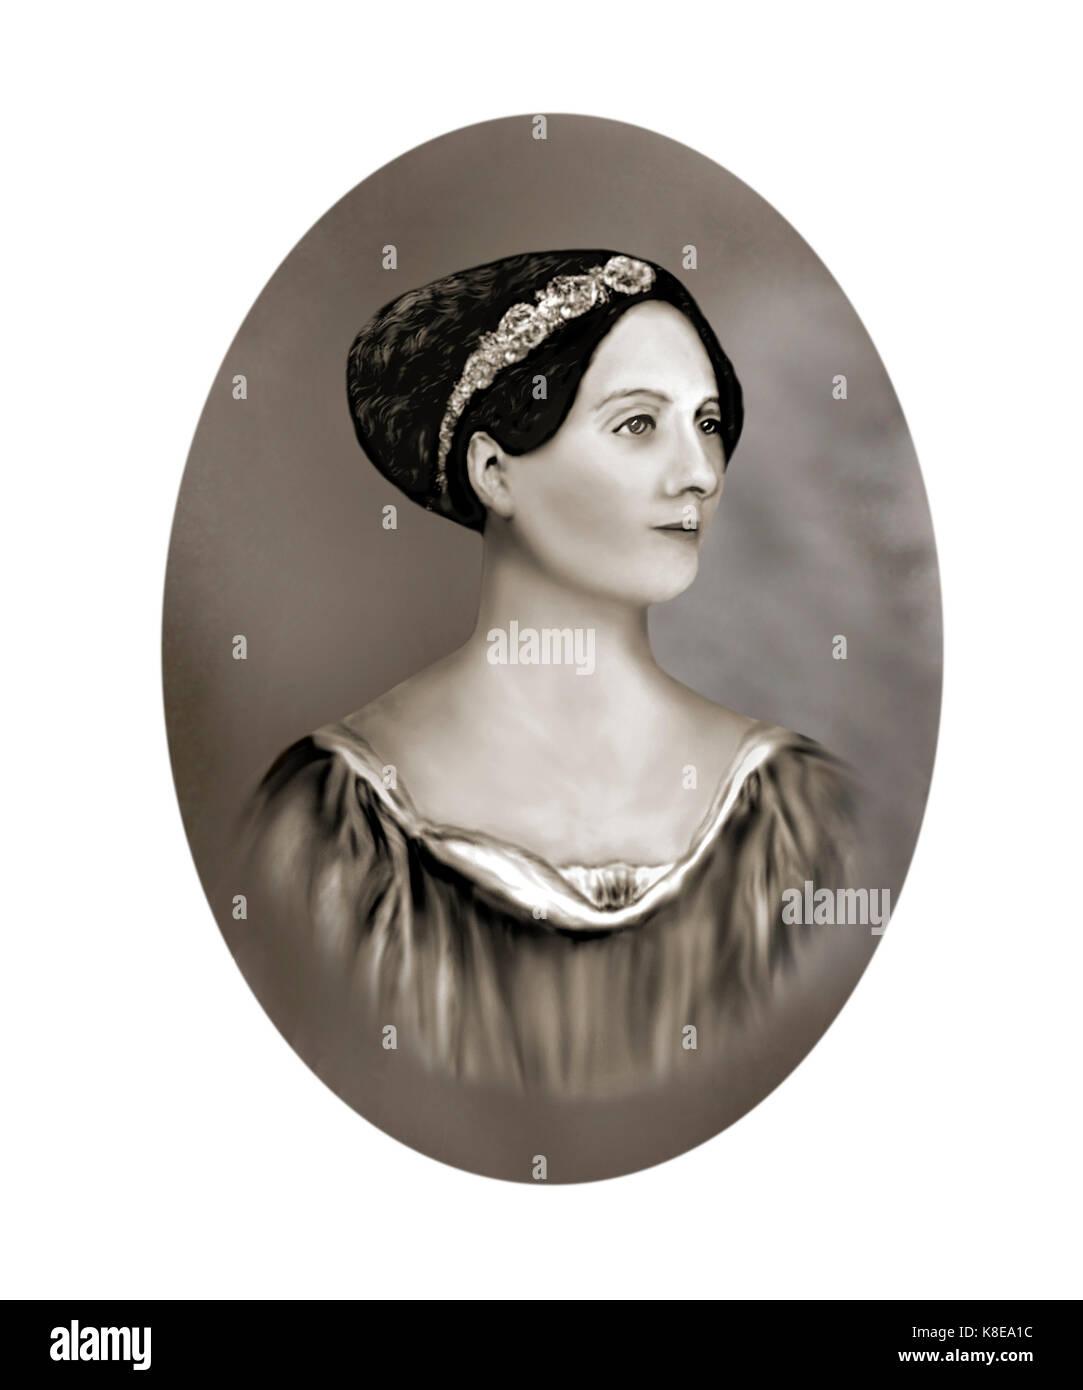 Ada Lovelace, 1815 - 1852, English Mathematician, Writer - Stock Image